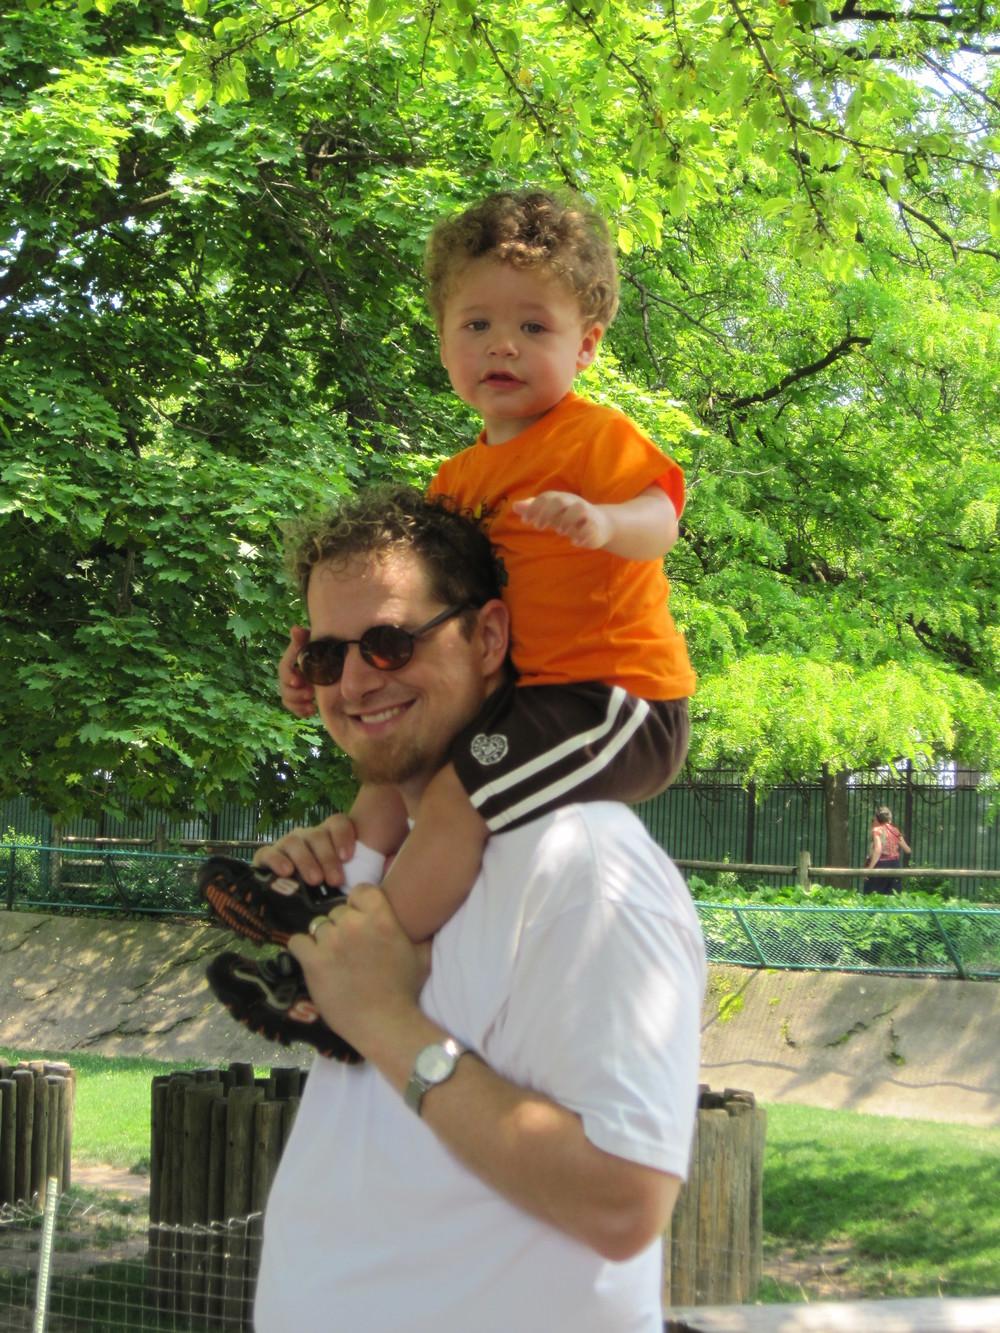 2010-05-30-Lincoln Park - 3.JPG